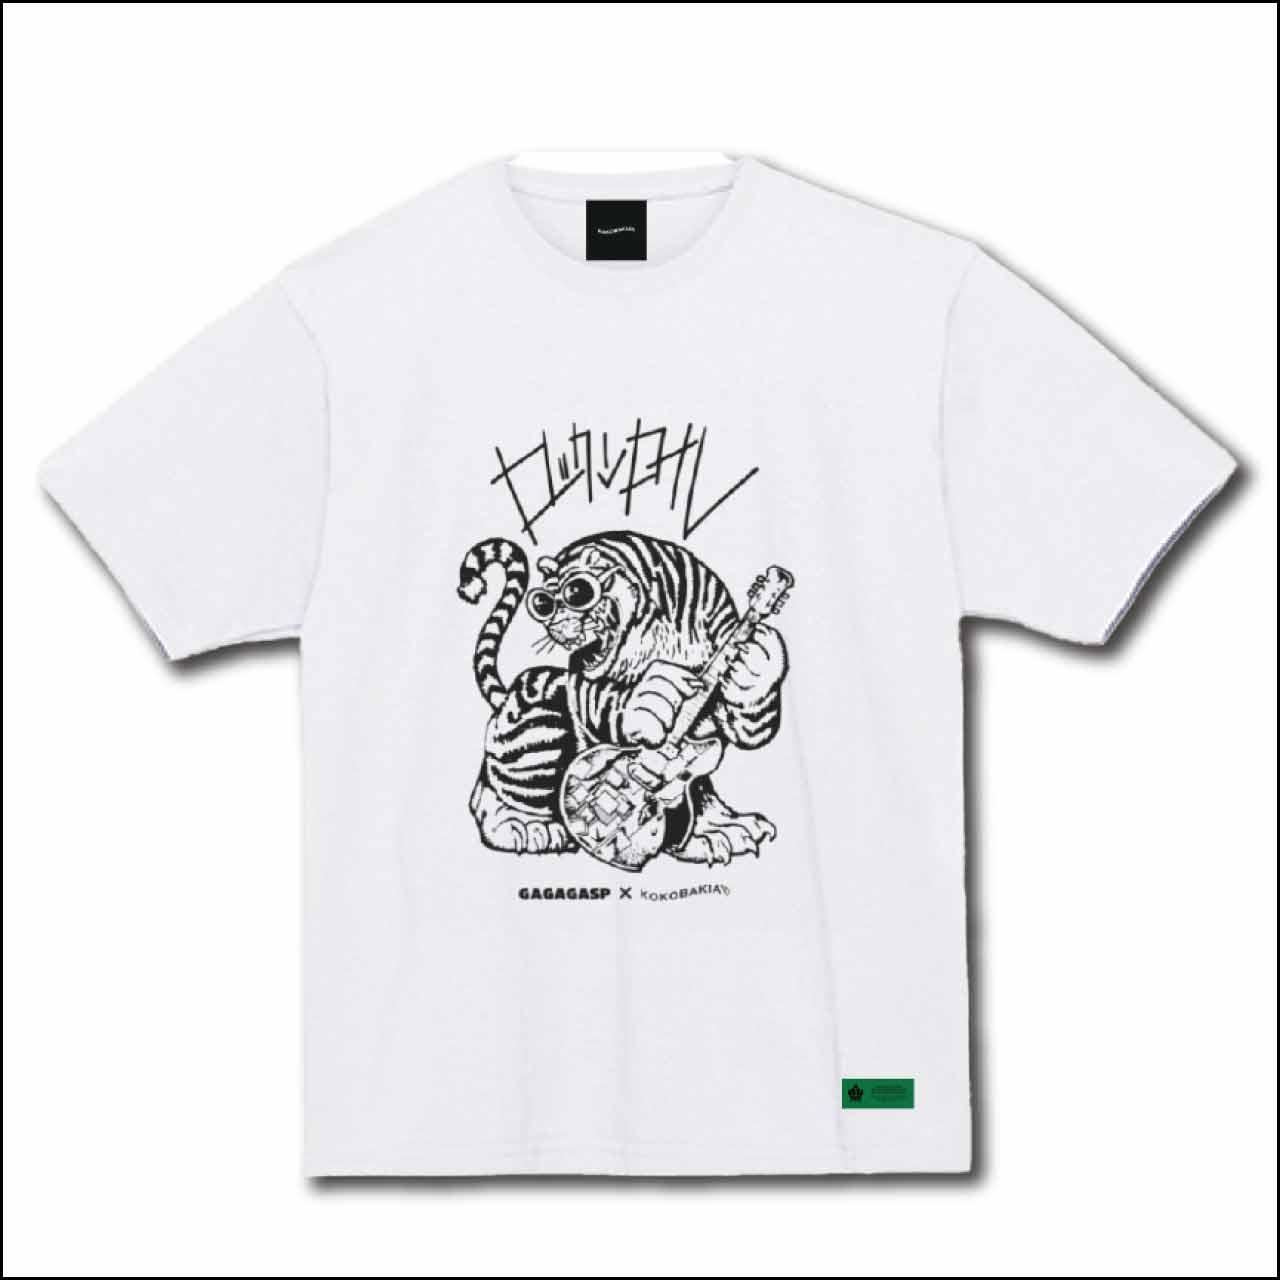 KOKOBAKIAコラボT(虎)